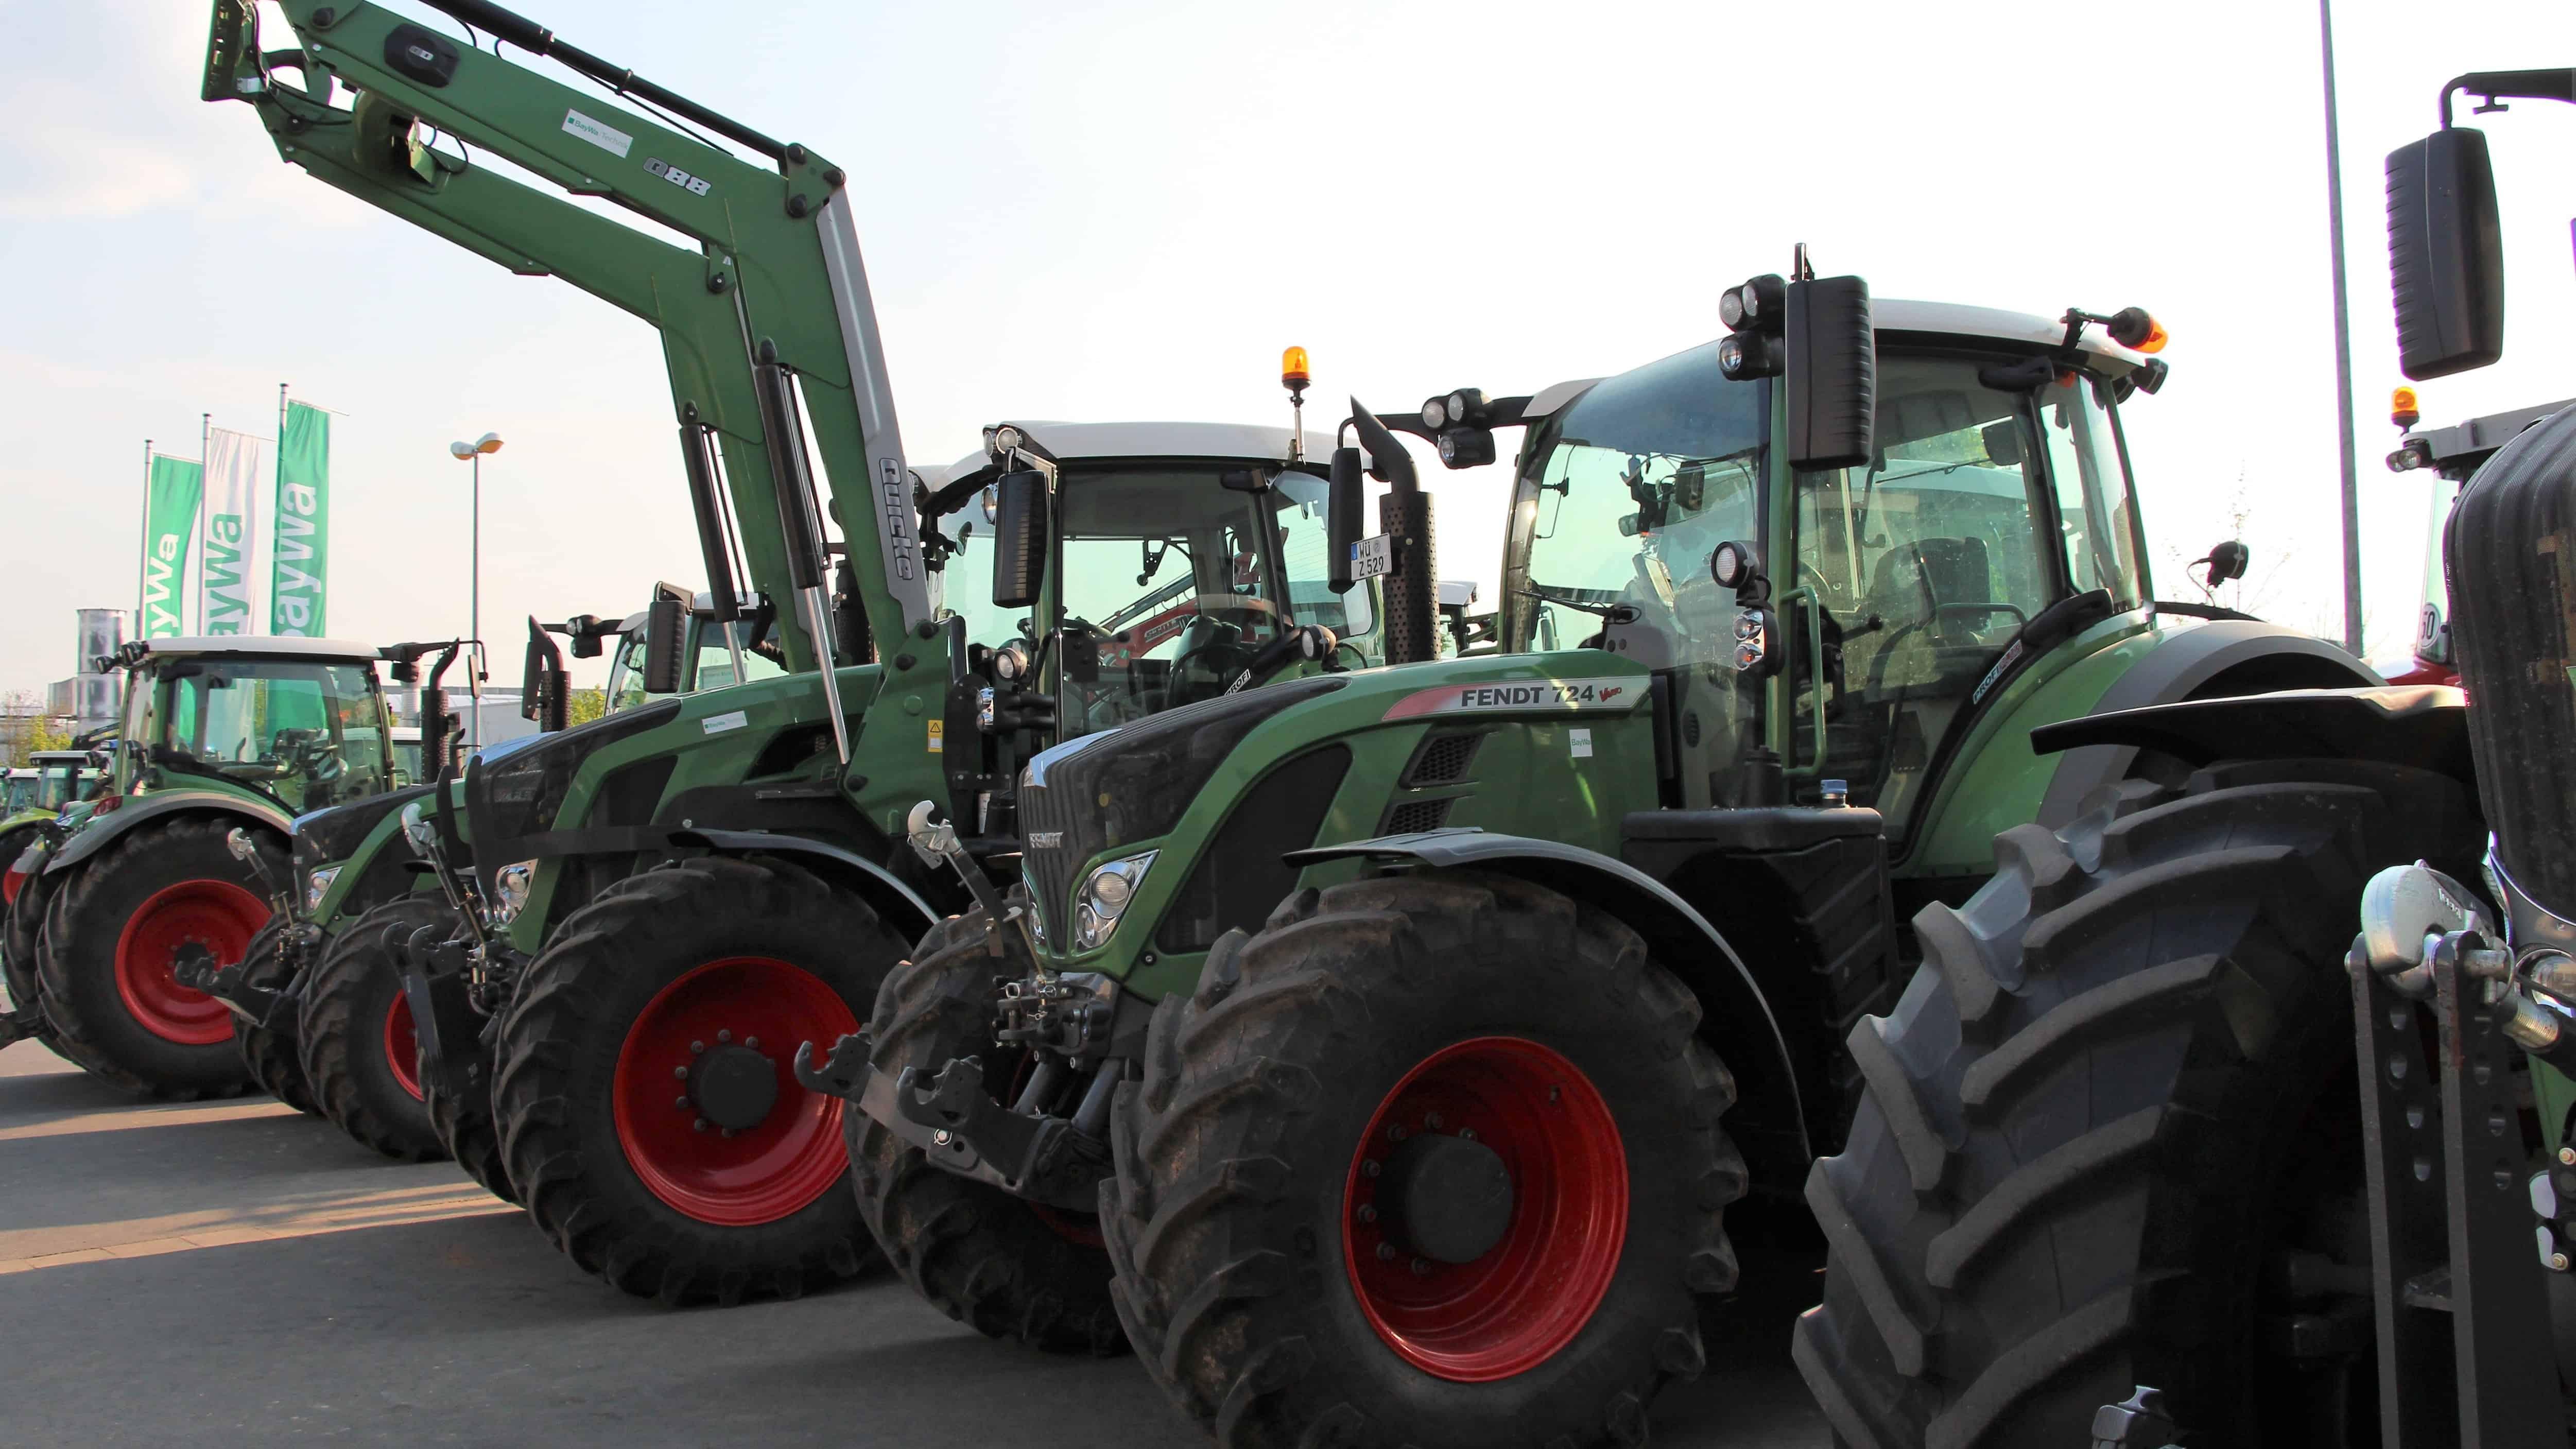 Achat groupé de matériels agricoles, appel offre tracteur